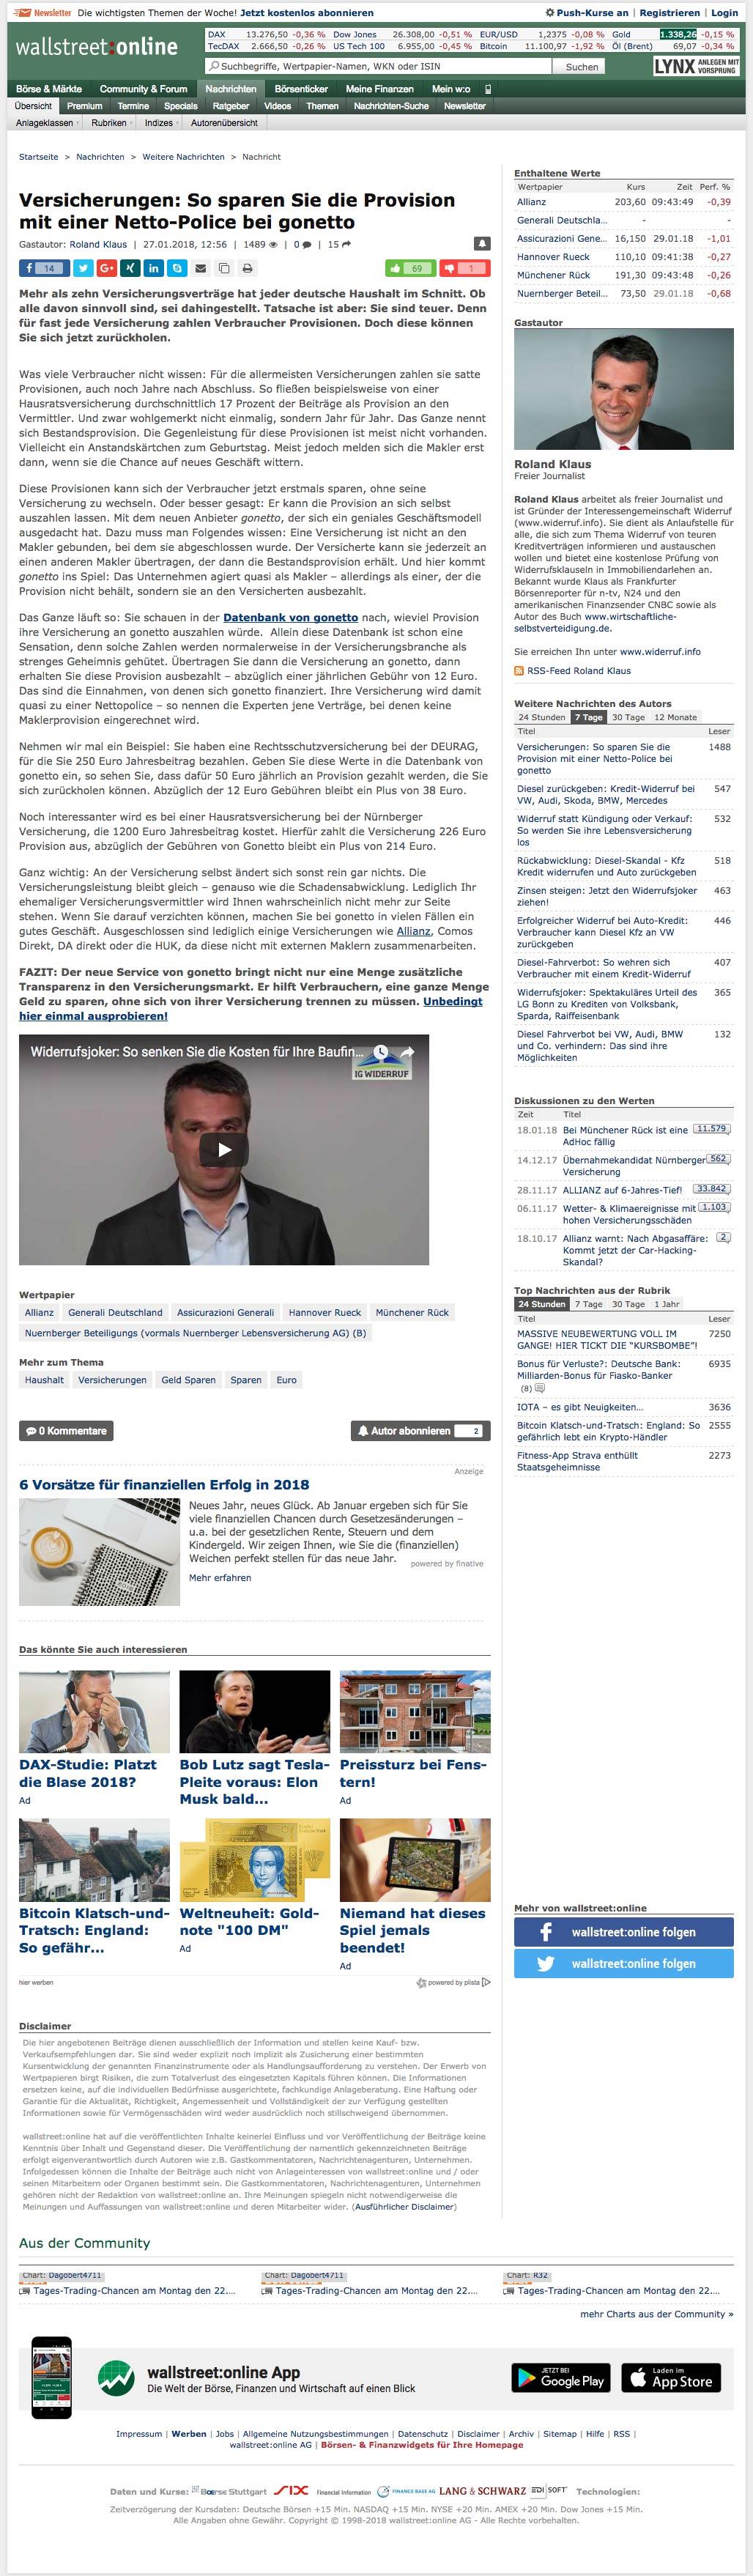 gonetto Presse-Clipping: wallstreet online vom  27. Januar 2018 - 27.01.2018 -  Versicherungen: So sparen Sie die Provision mit einer Netto-Police bei gonetto